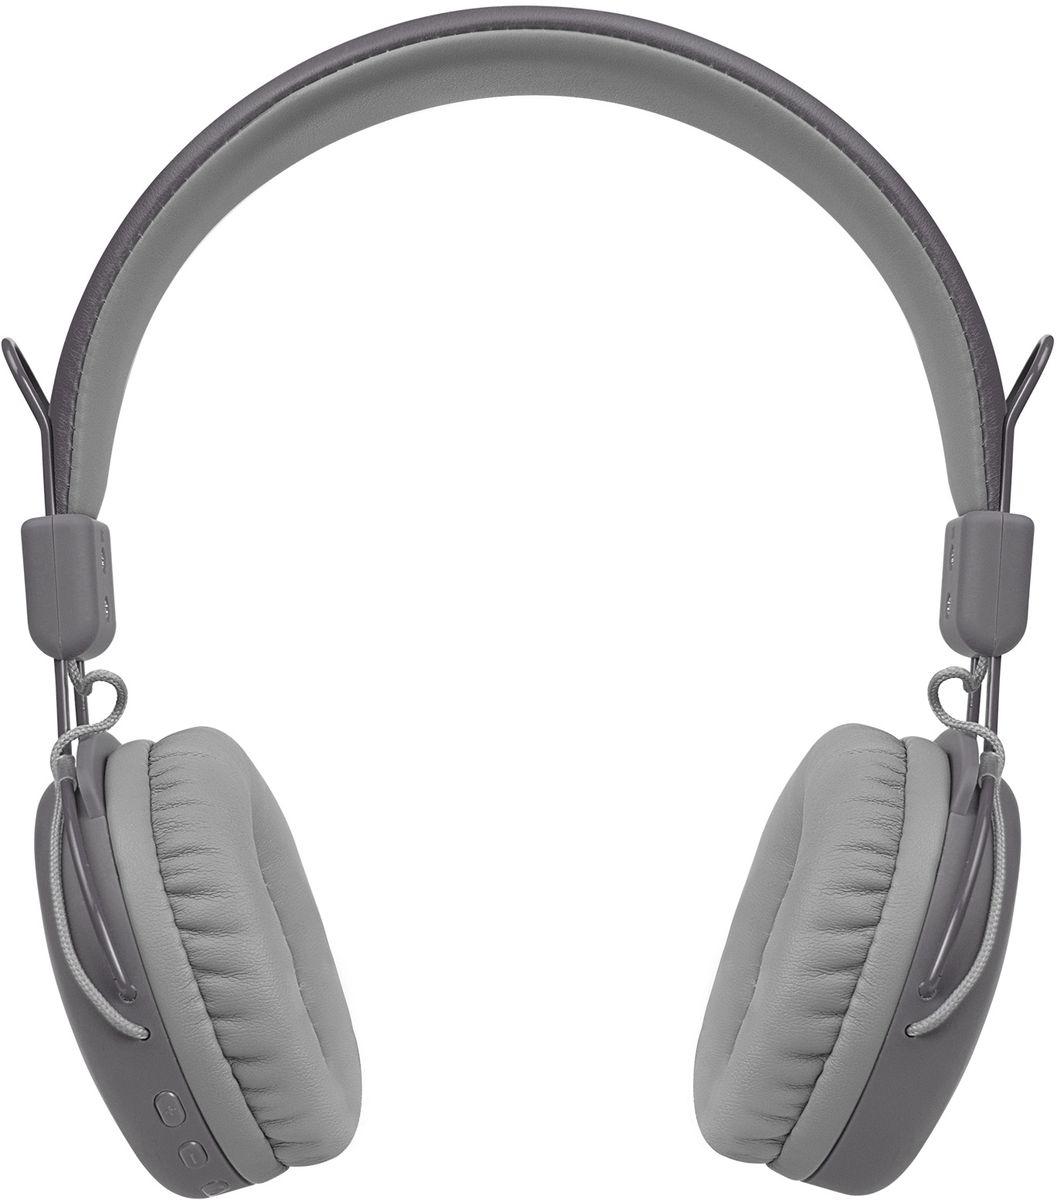 Rombica Mysound BH-03 1C, Gray наушники наушники rombica mysound bh 03 1c серый